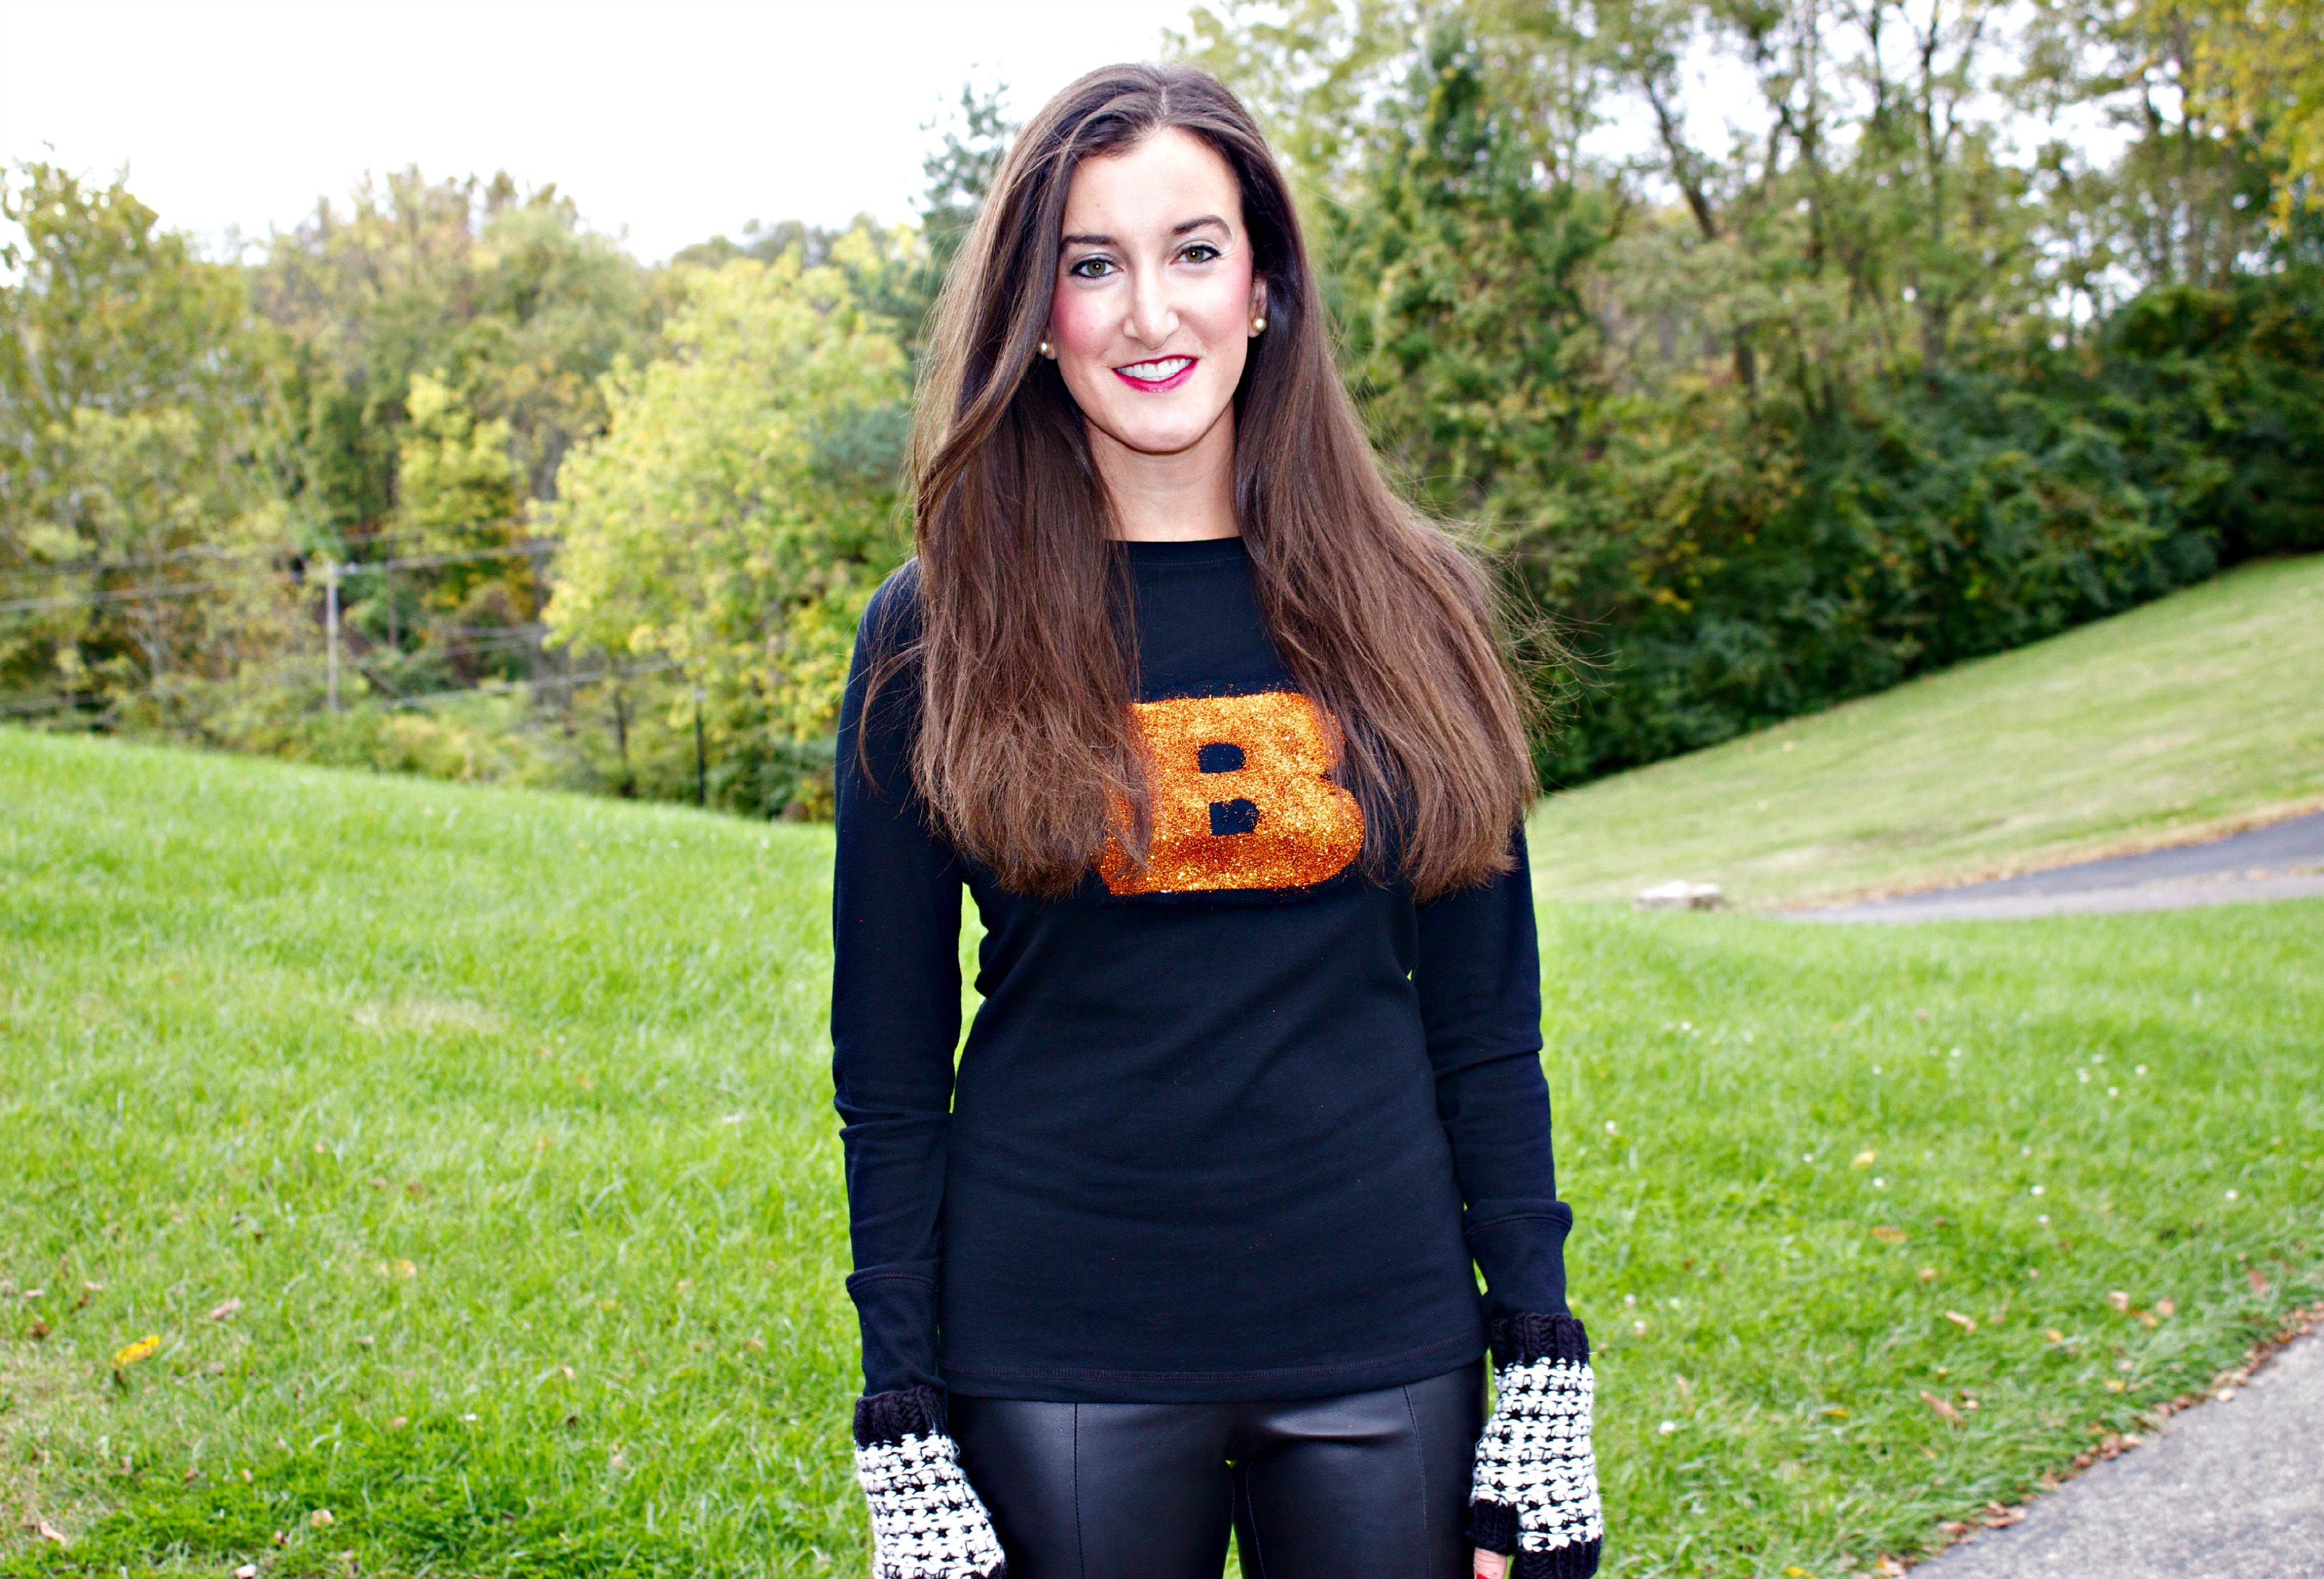 Glittery Cincinnati Bengals Shirt